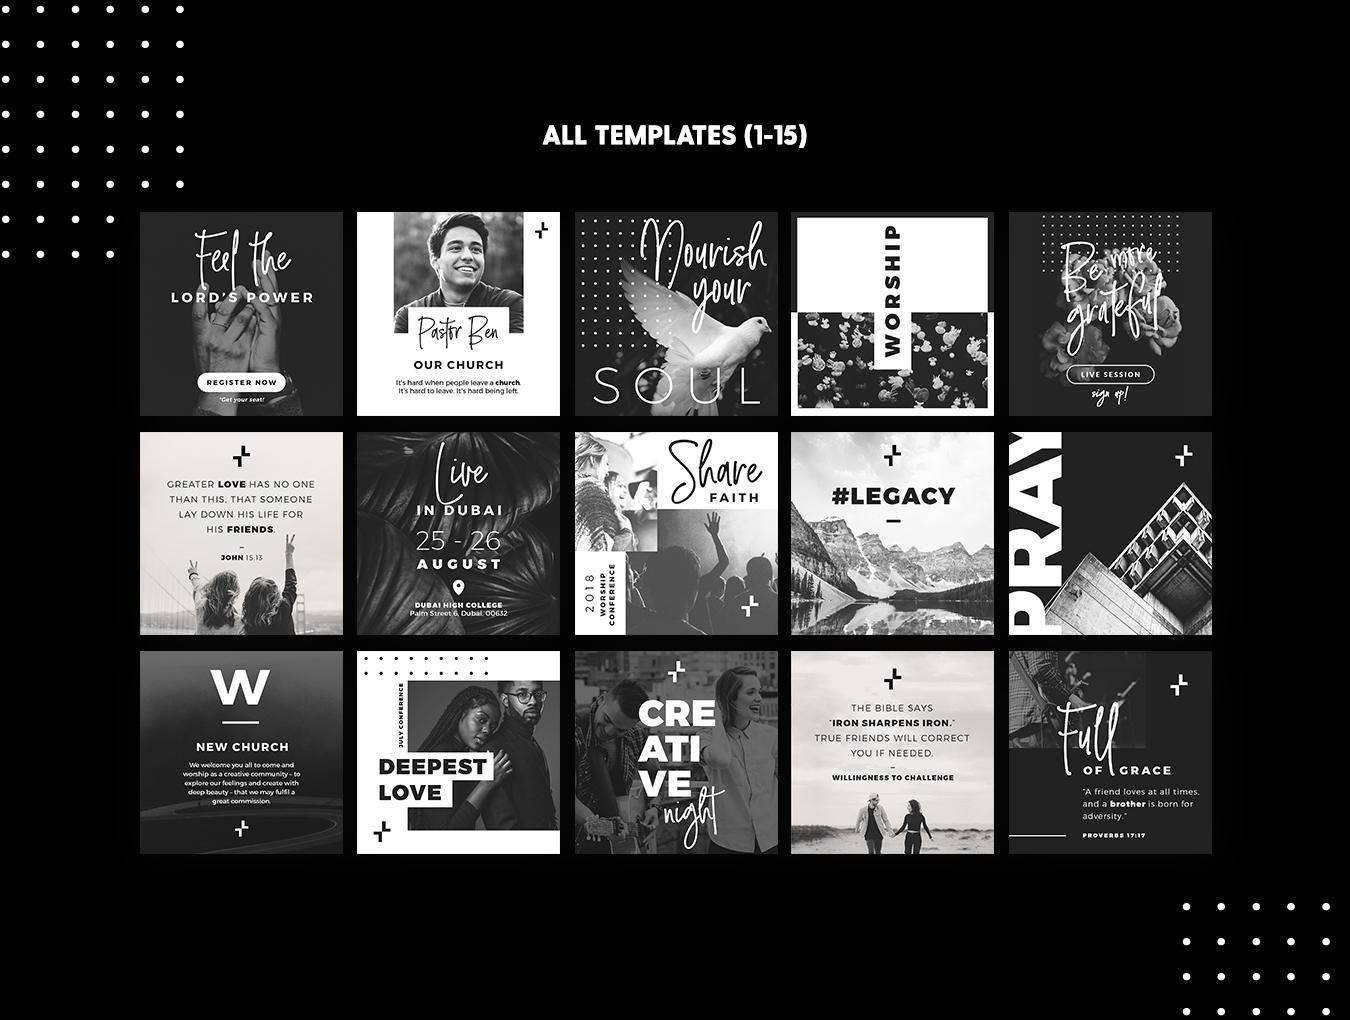 黑白色系品牌营销故事Instagram社交媒体设计素材 New Church Social Pack插图(2)